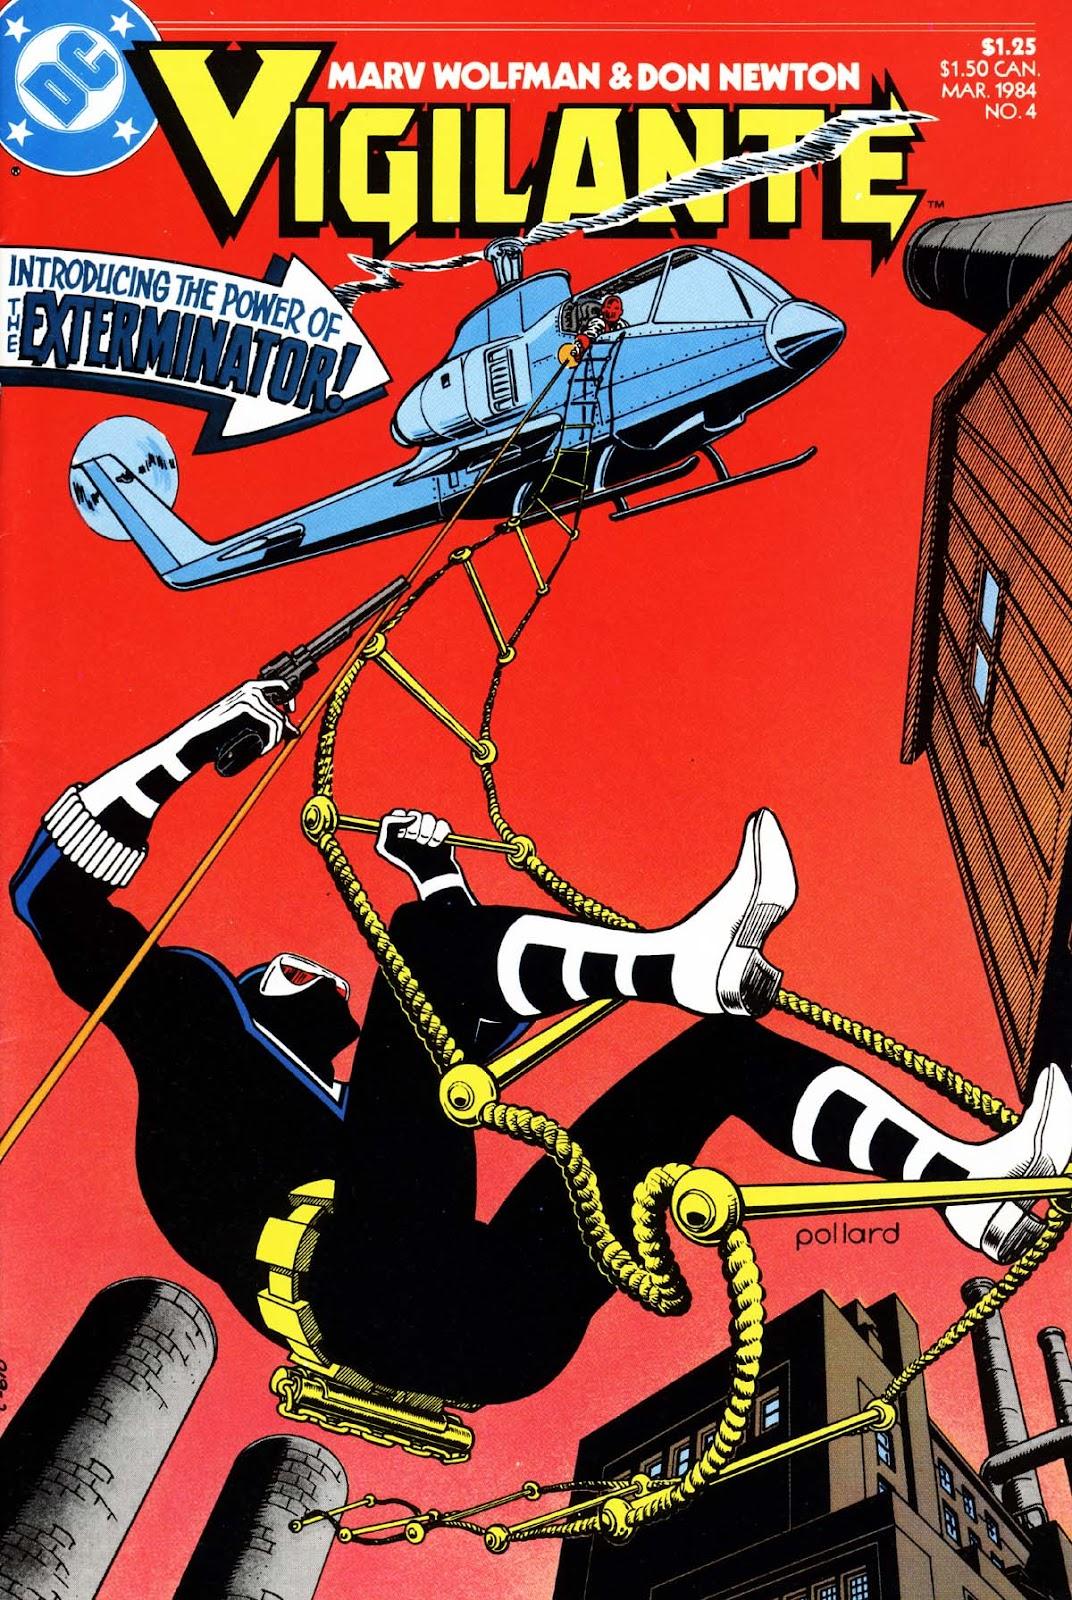 Vigilante (1983) issue 4 - Page 1